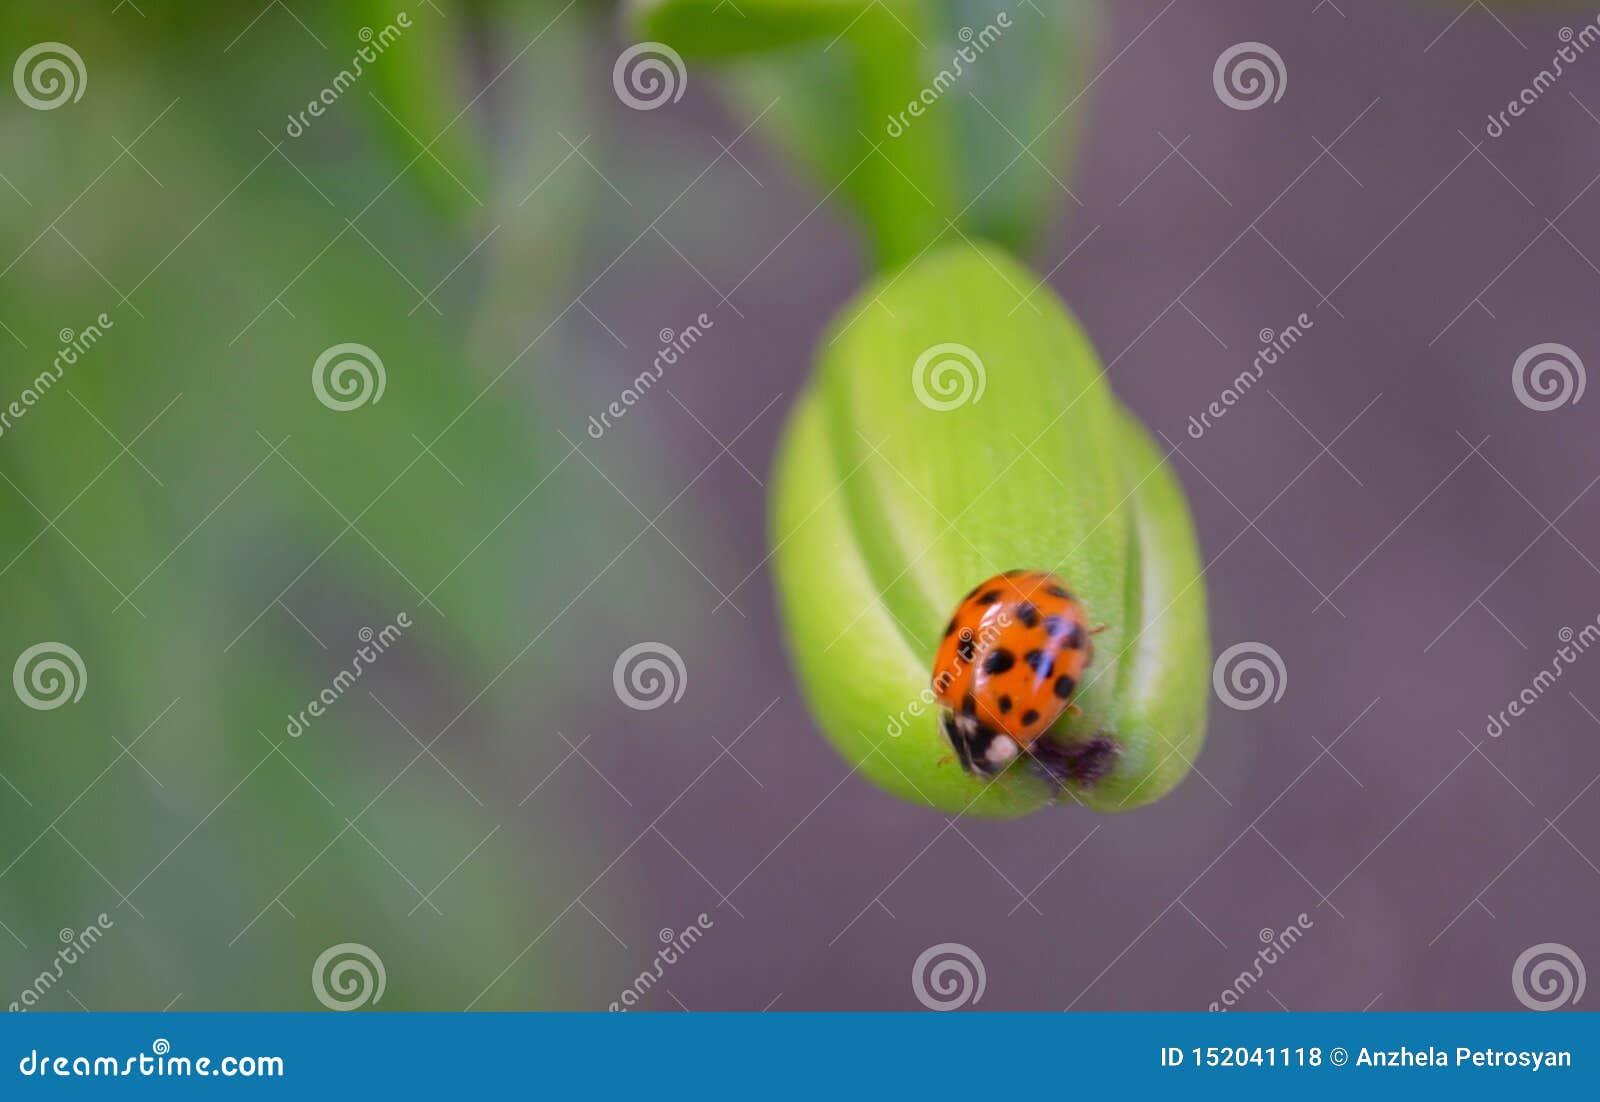 Крупный план ladybug на зеленом fon